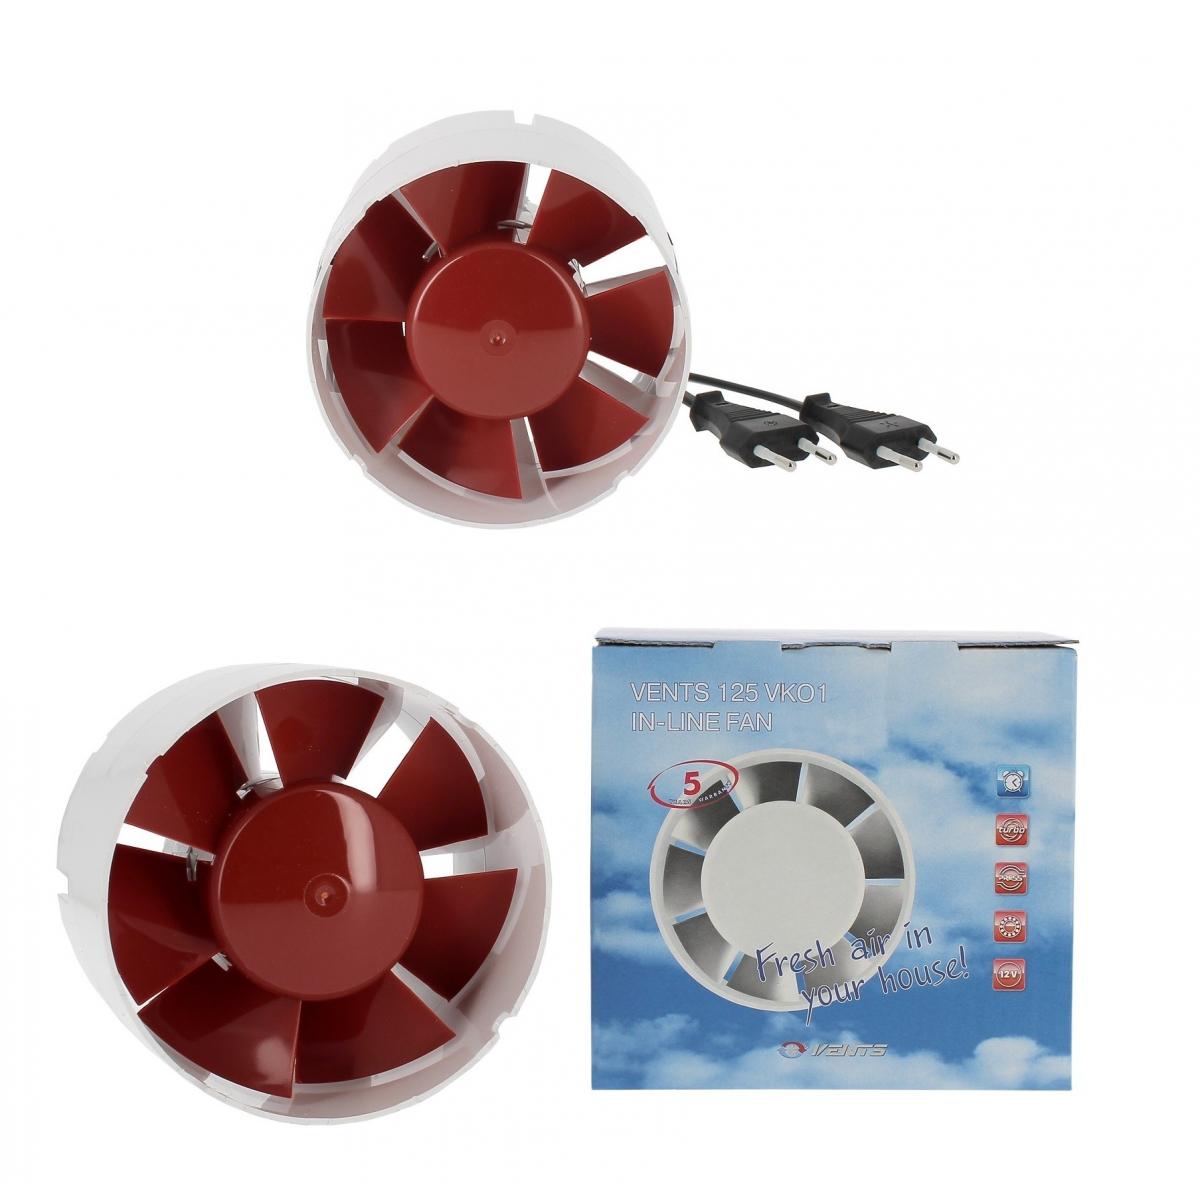 190m3//H AVEC Cable et prise electrique 2x 125mm HYDROPLANETE Pack de 2 Extracteur//Intracteur de gaine 100mm 125mm 150mm pour Conduits de Ventilation//A/ération